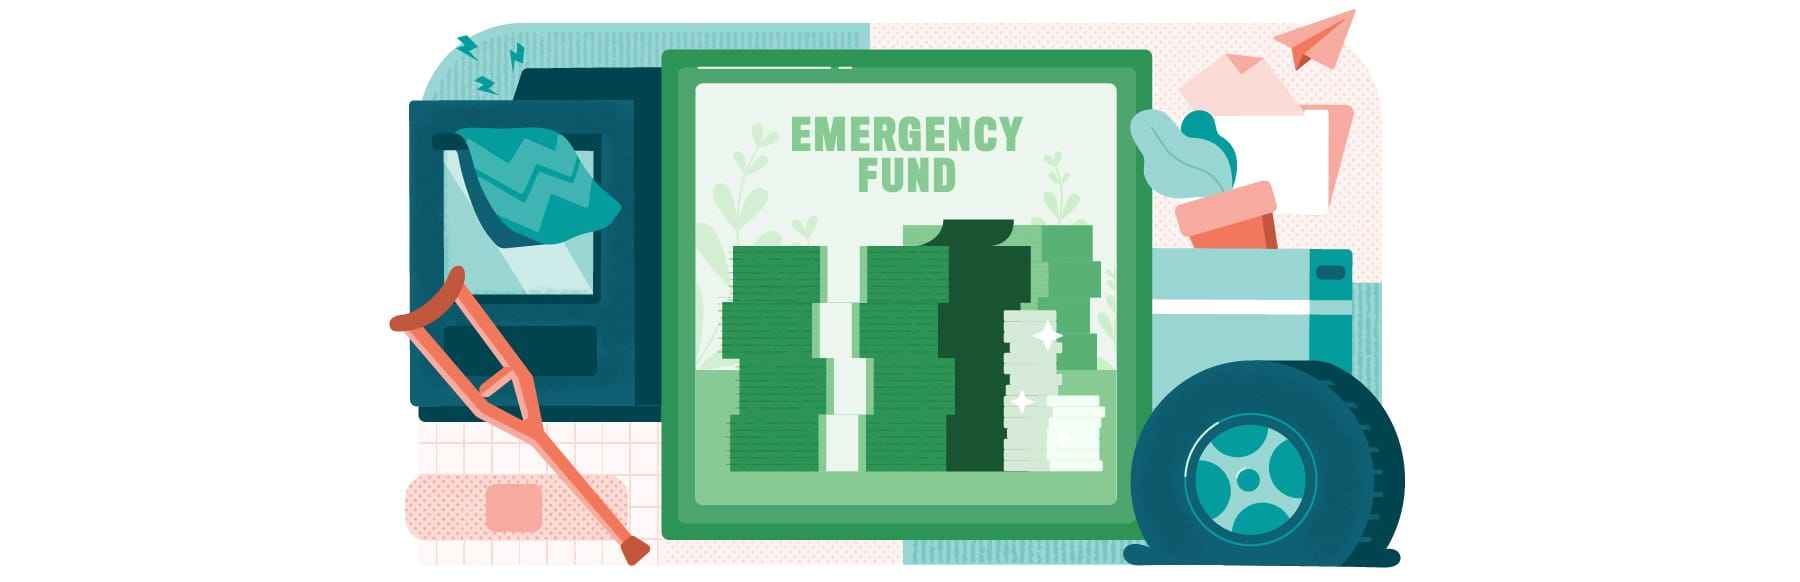 emergency fund illustration